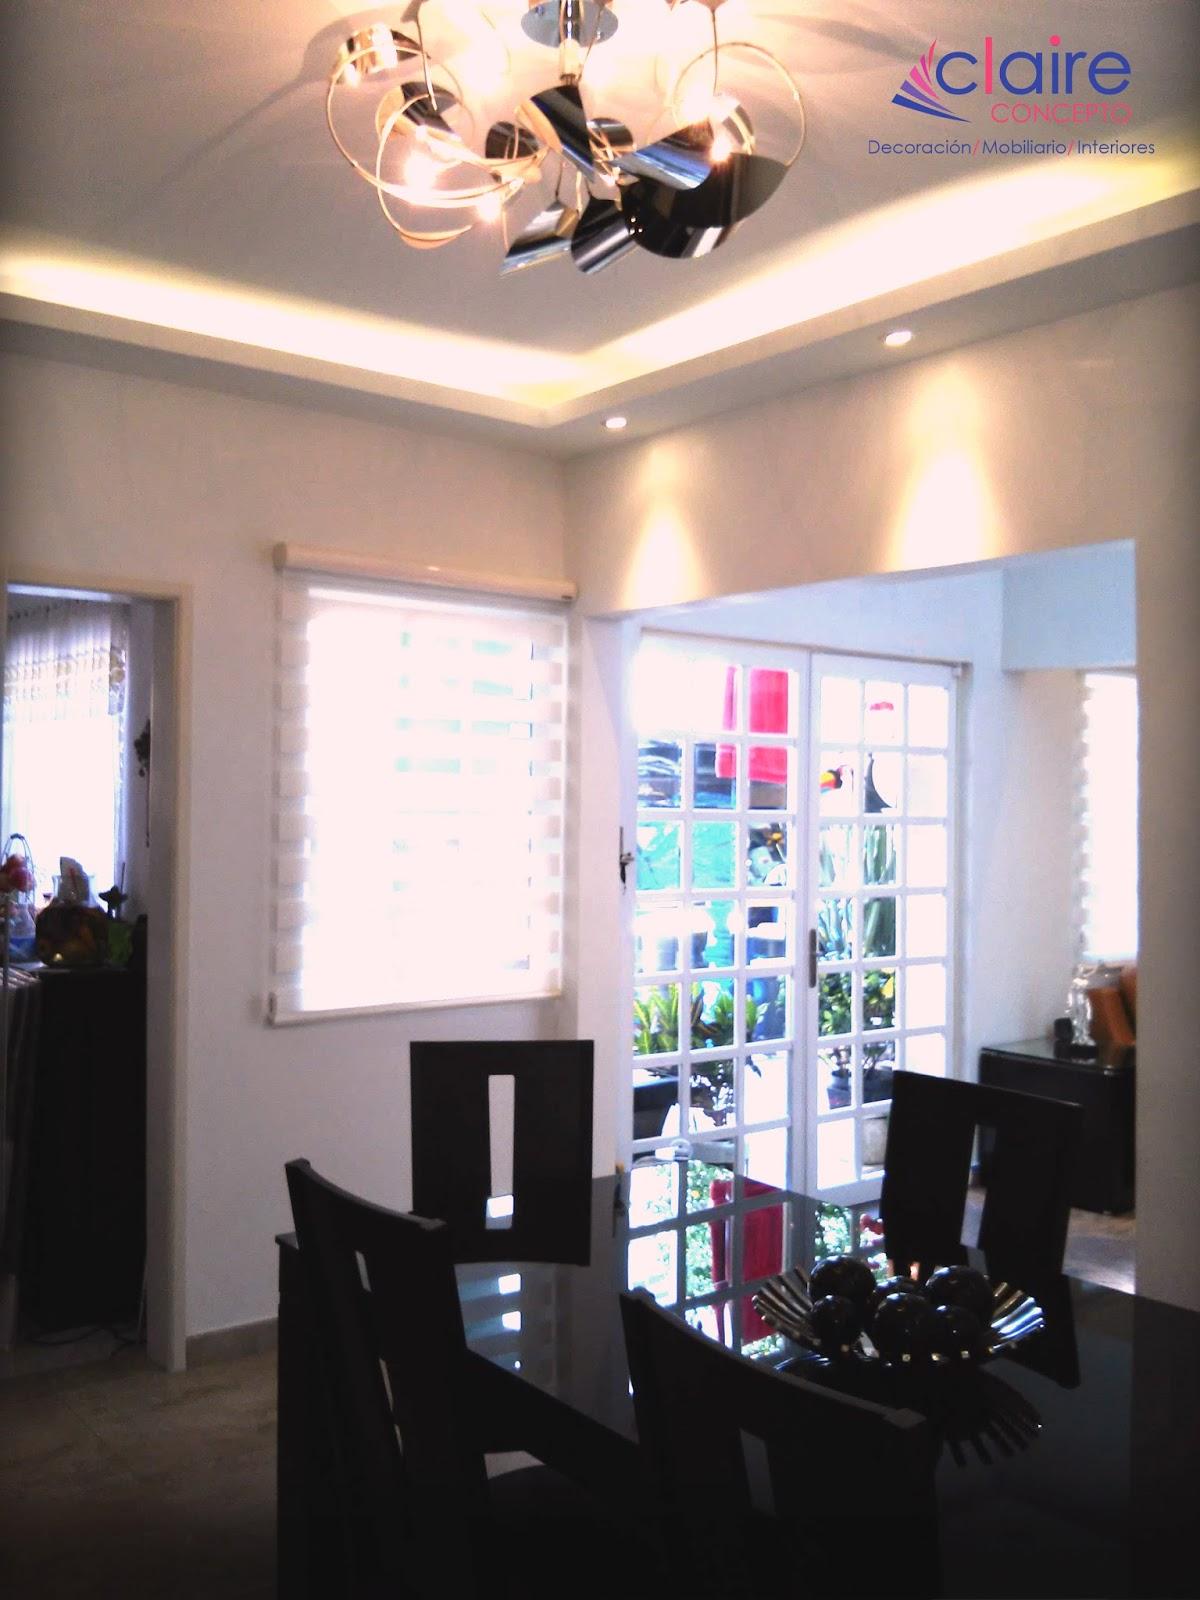 Remodelaci n de casas plafones de tablaroca muebles for Plafones de pared grandes